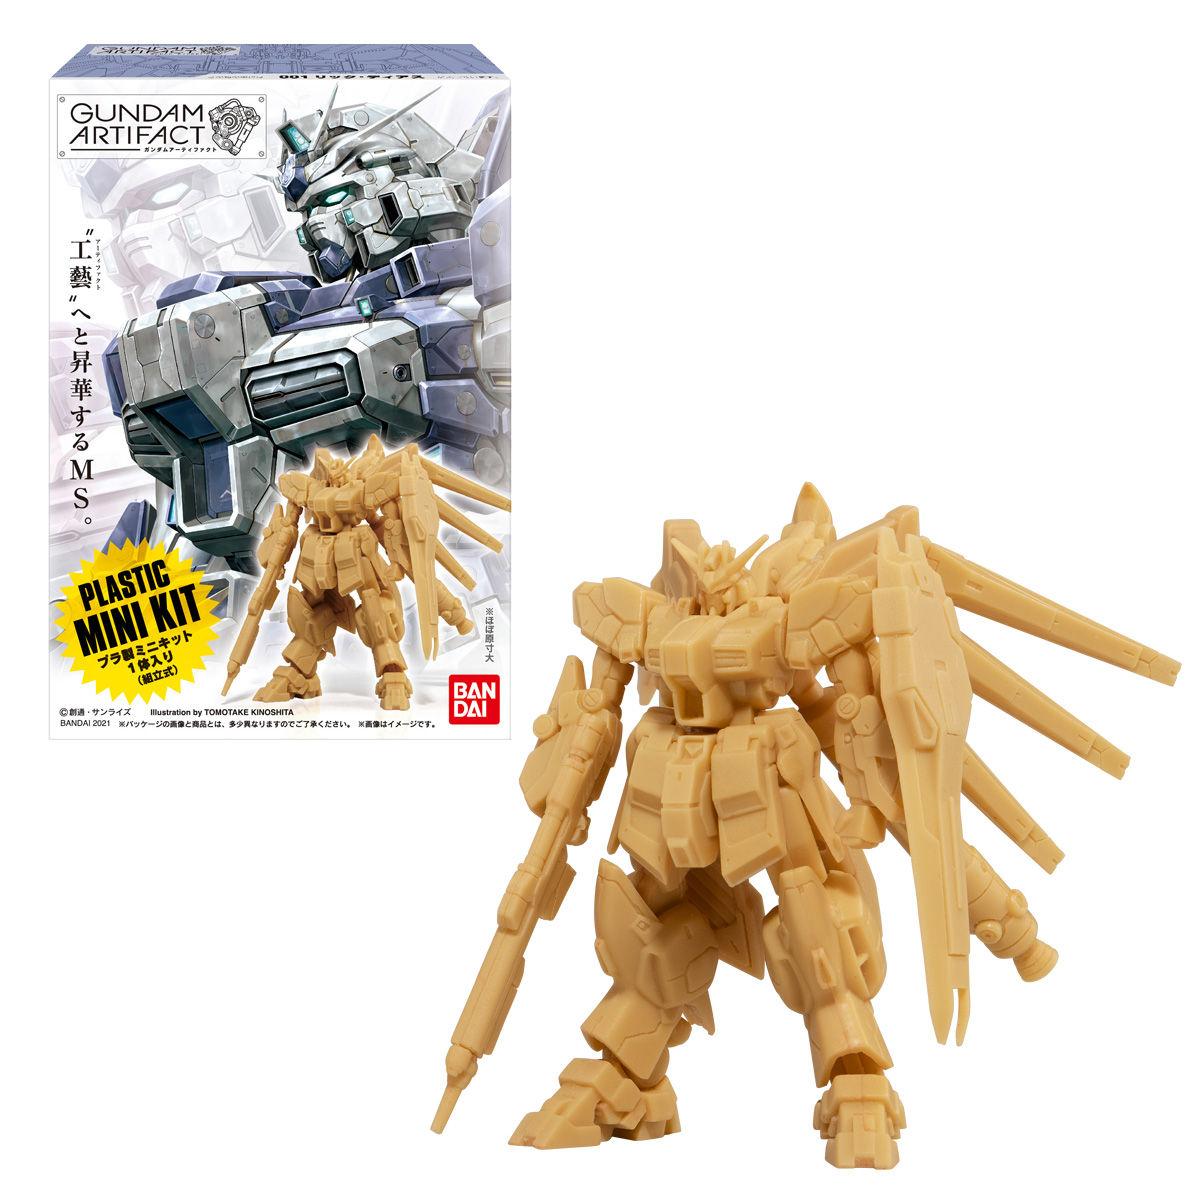 【食玩】機動戦士ガンダム『ガンダムアーティファクト』プラ製ミニキット 10個入りBOX-001